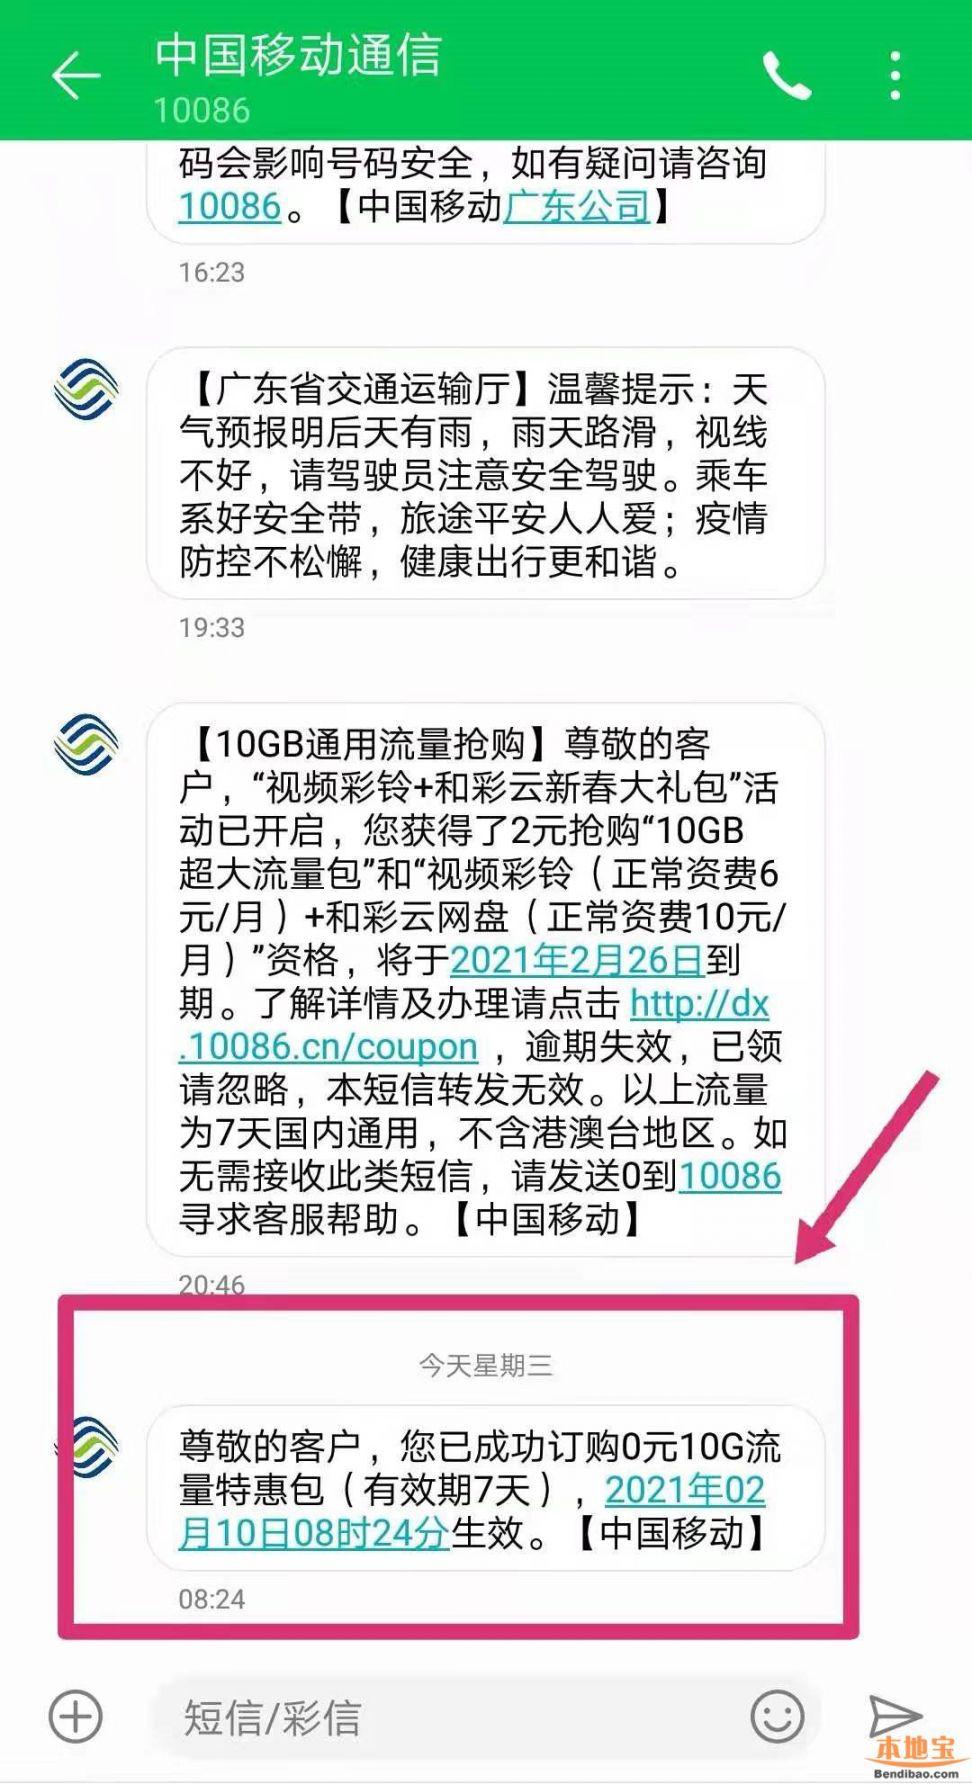 2021粤享5g怎么领10g流量(附流程图解)